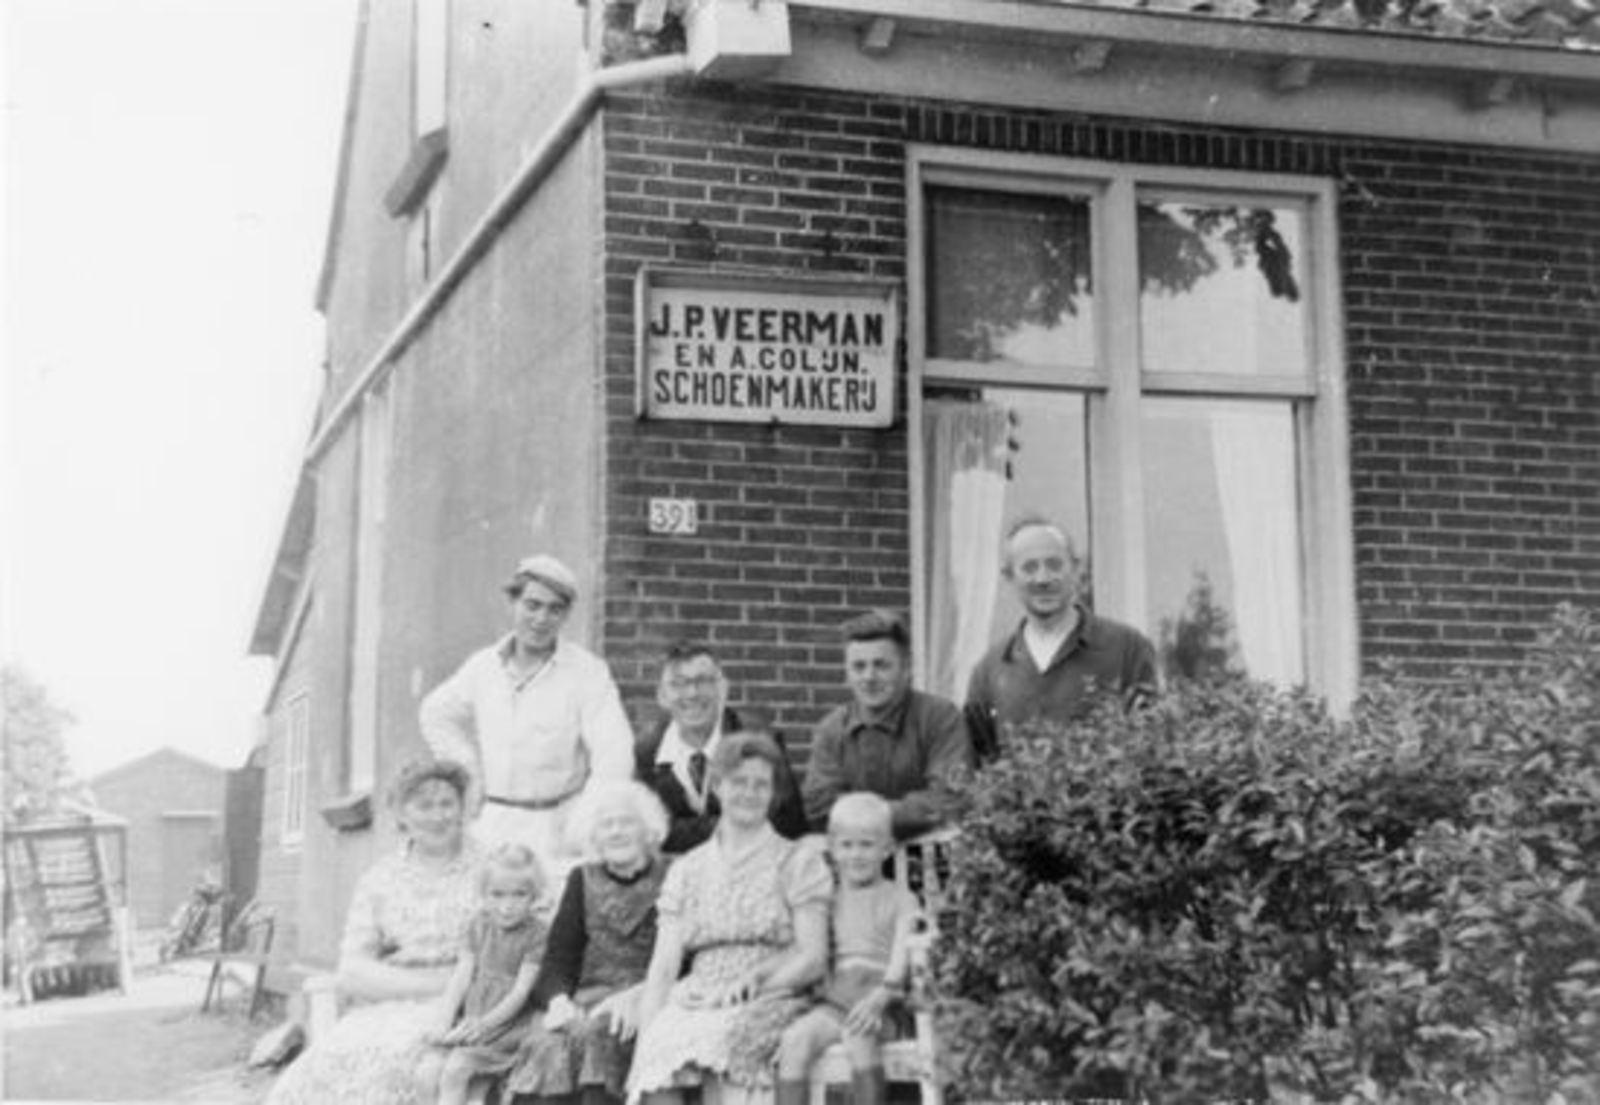 Kruisweg N 0391 19__ met Families Veerman en Hoogstraten 02